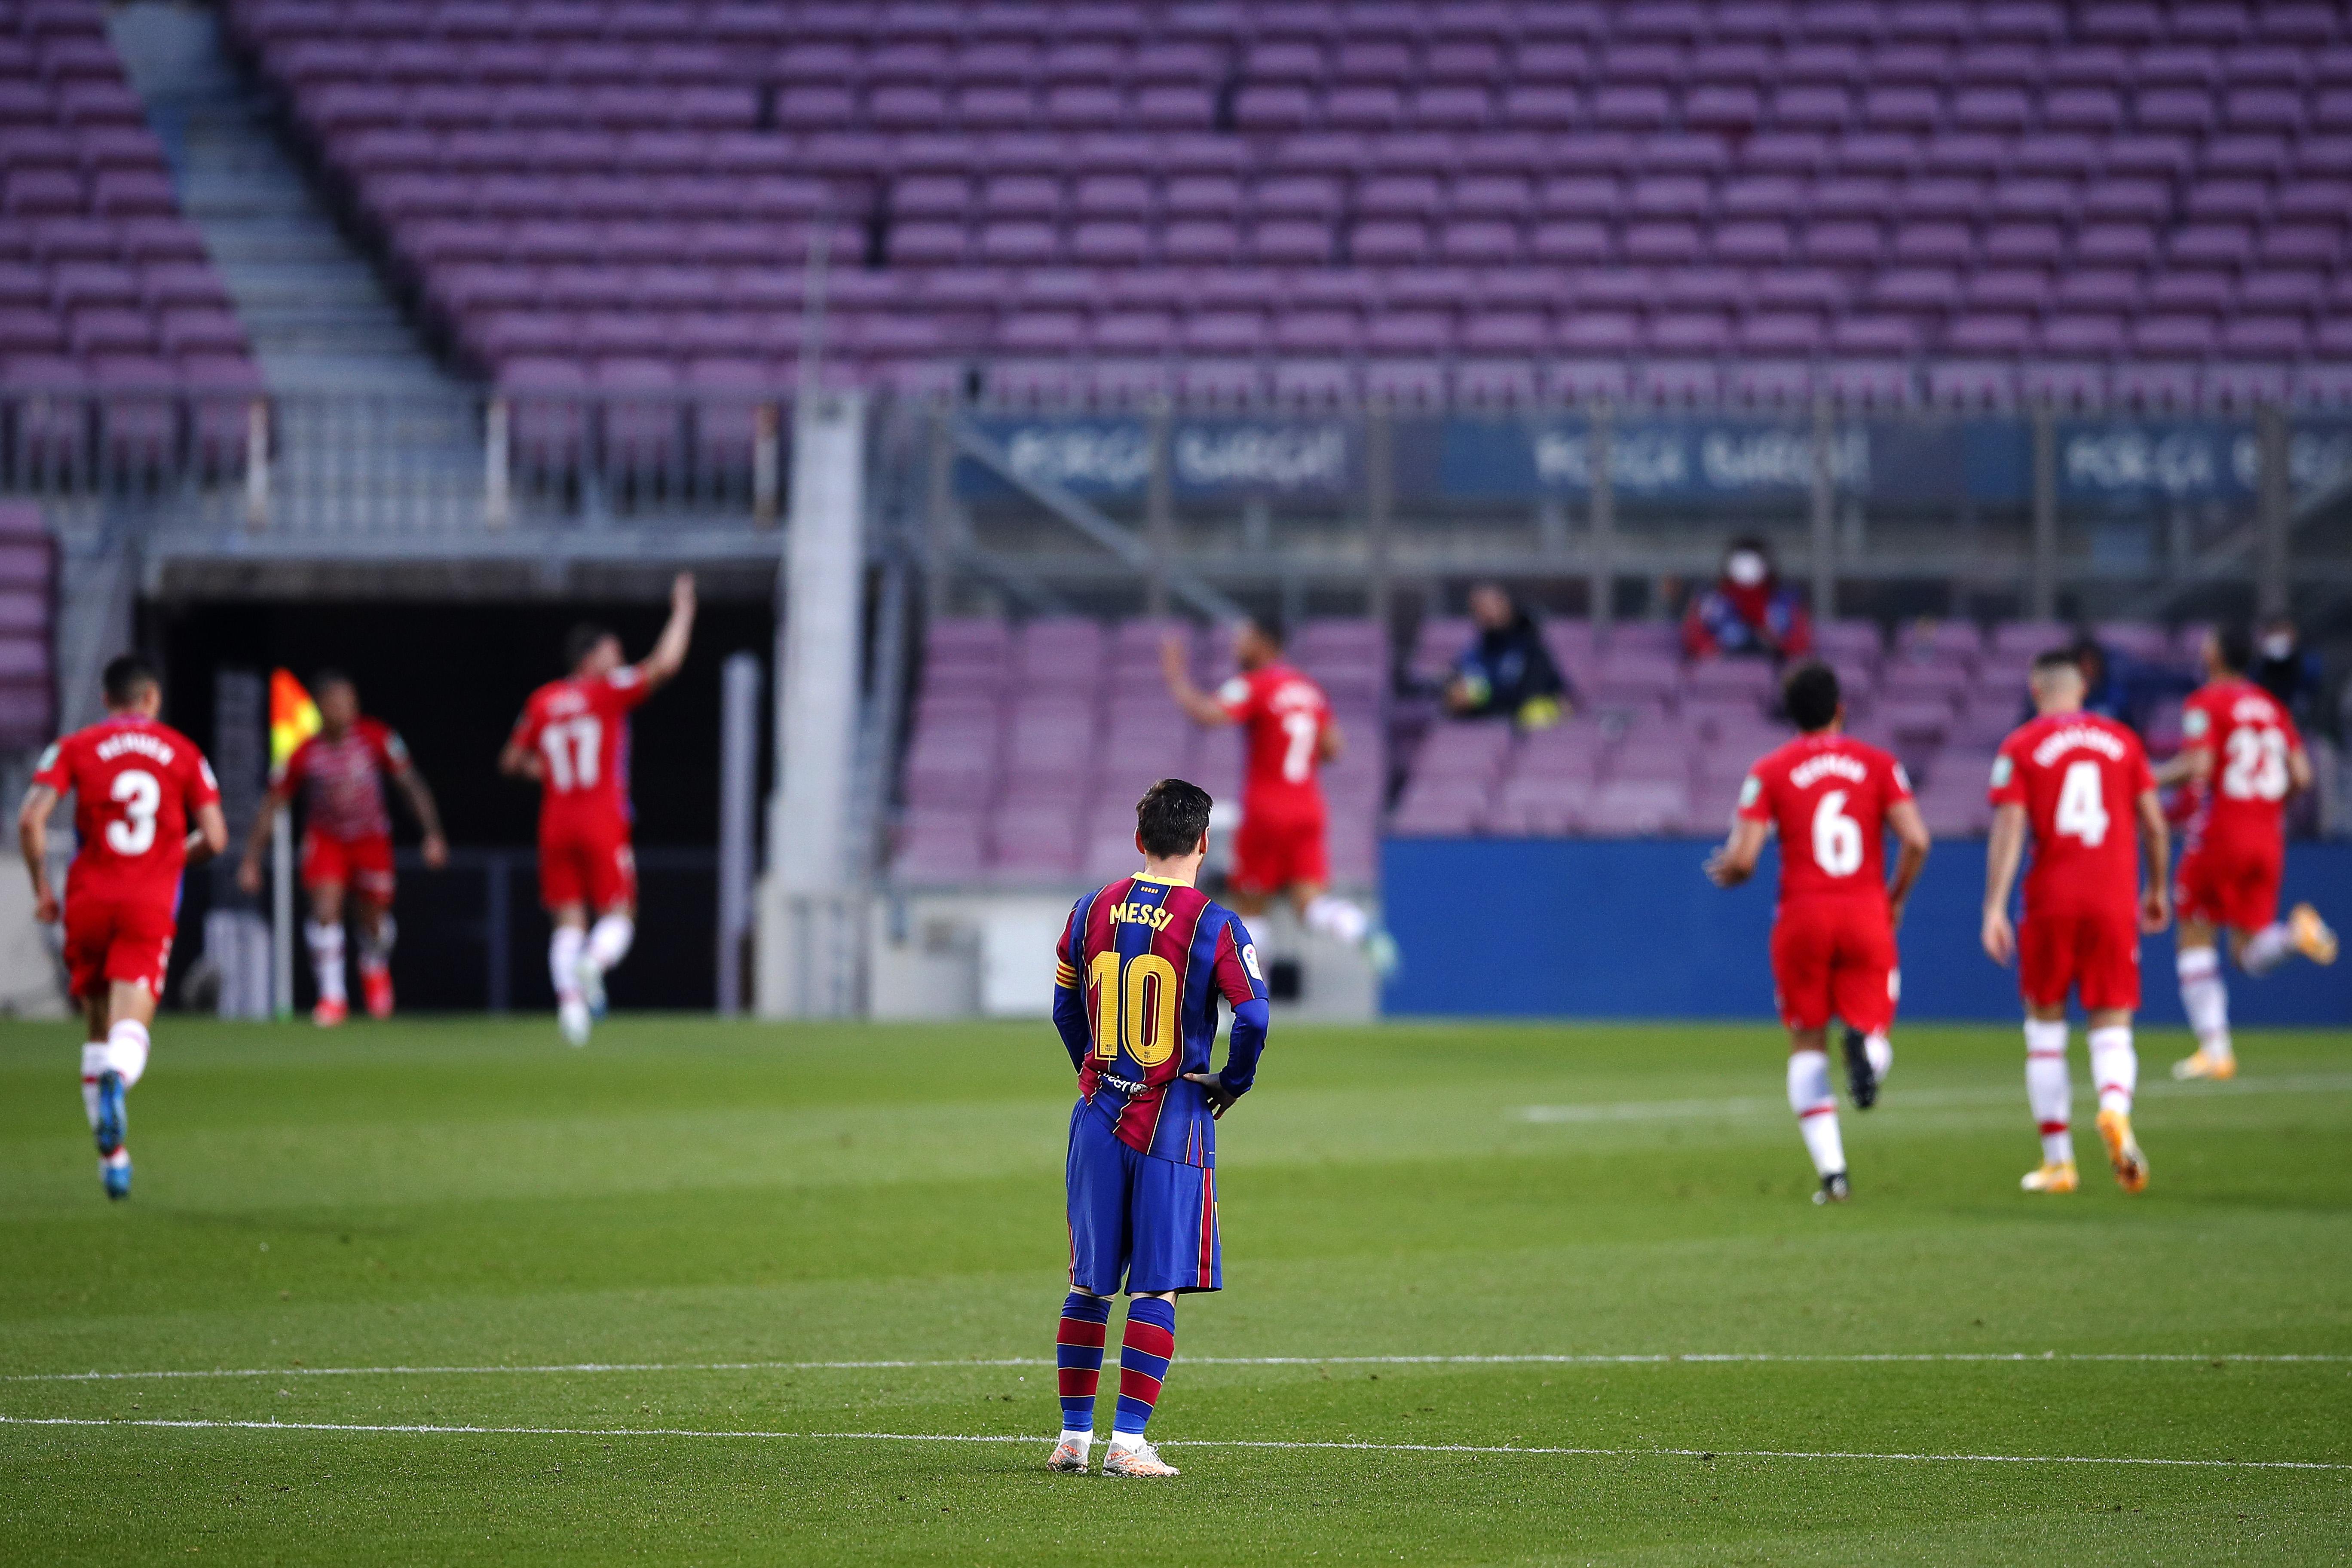 مواعيد اخر 5 مباريات لبرشلونة 2021 الدوري الاسباني